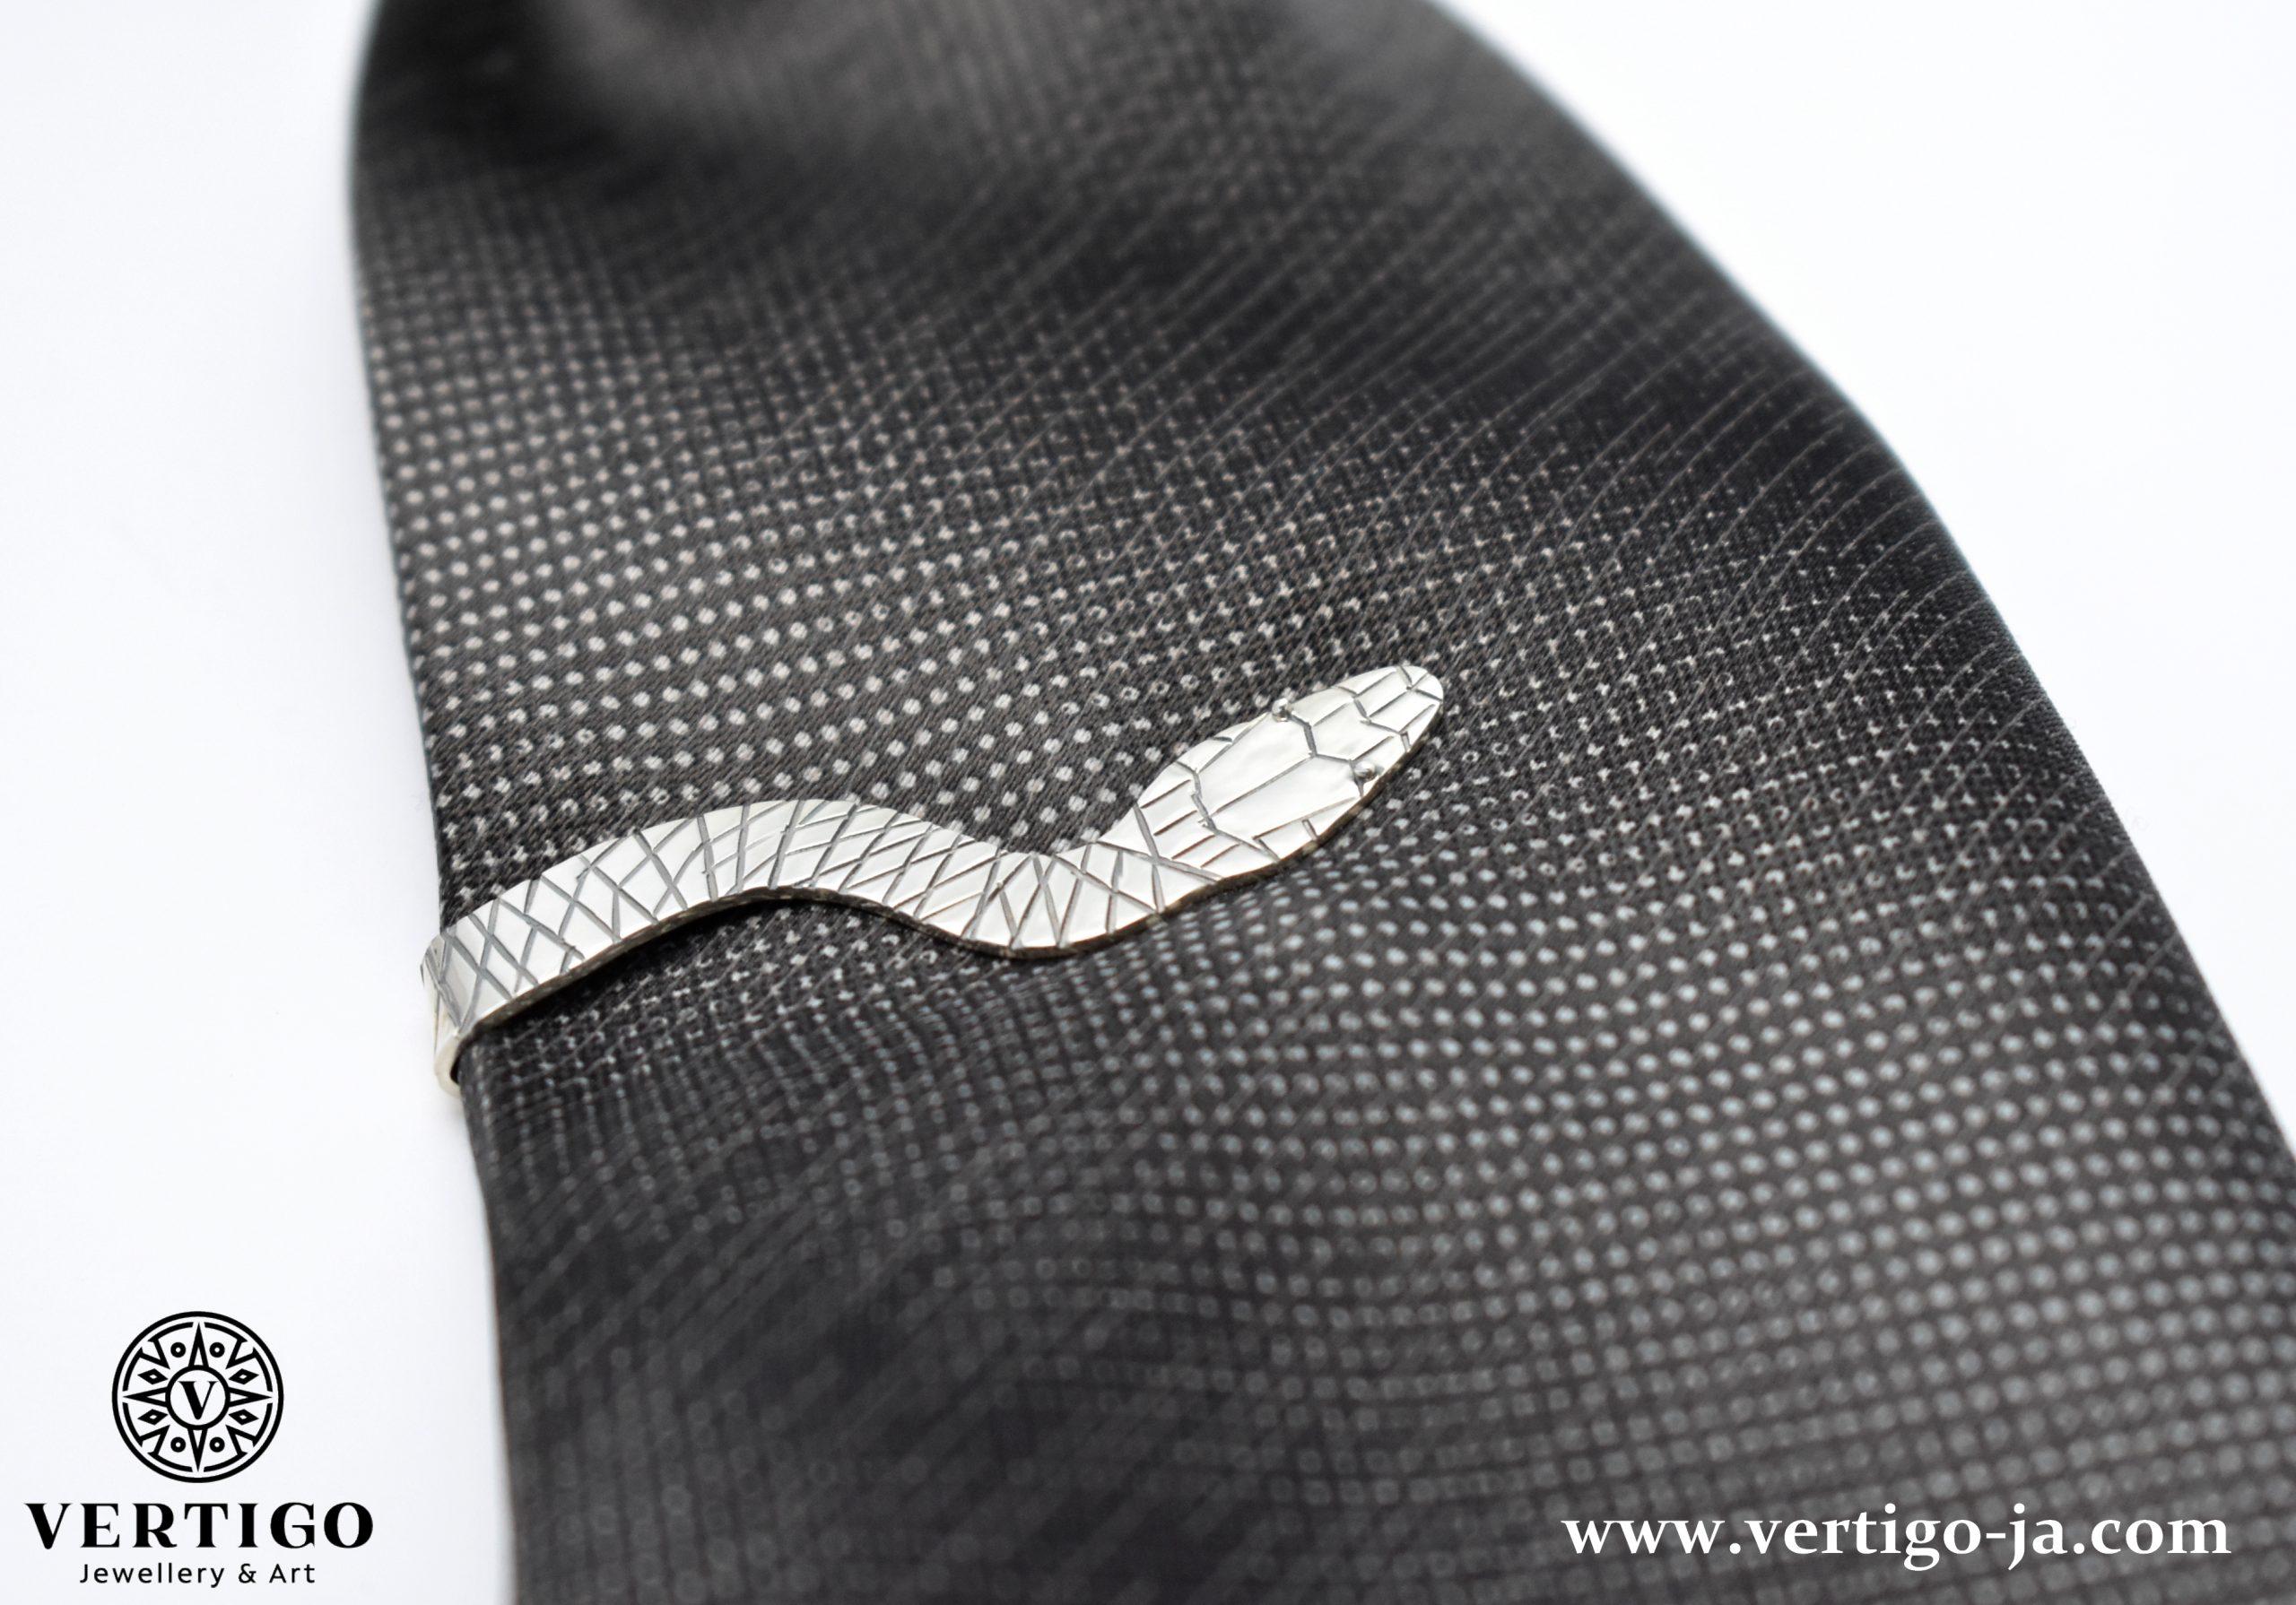 srebrna-spinka-czarny-krawatowa-waz-bizuteria-meska-czarny-krawat